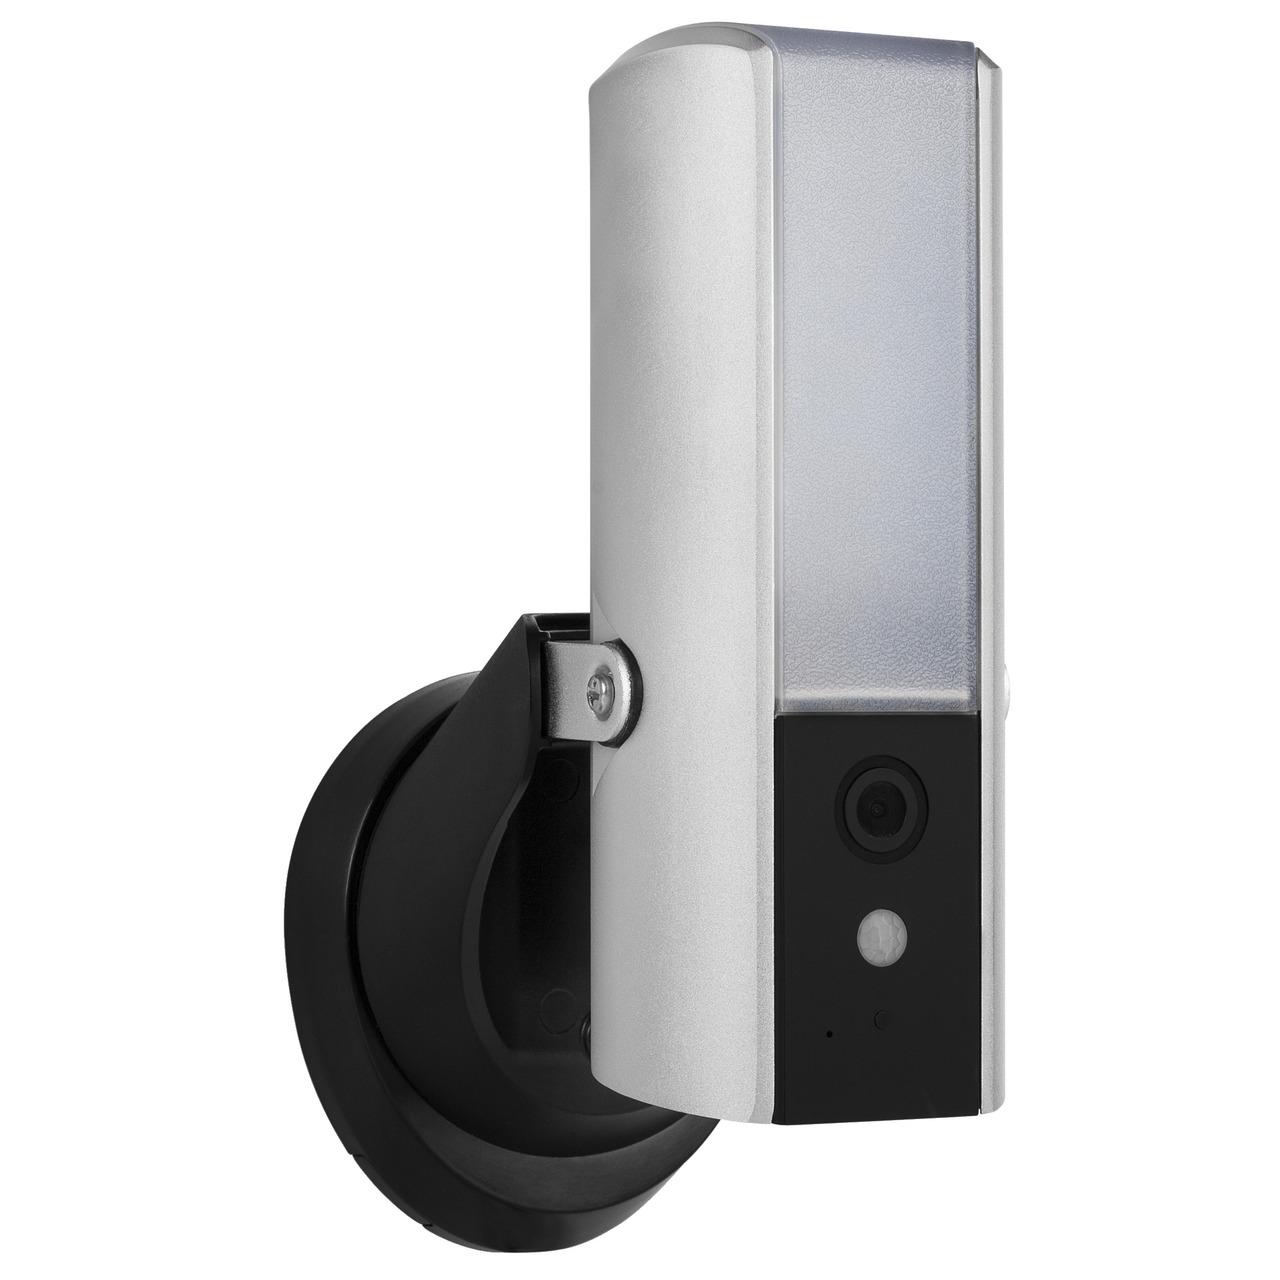 Smartwares Leuchte mit integrierter Überwachungskamera CIP-39901- microSD-Slot